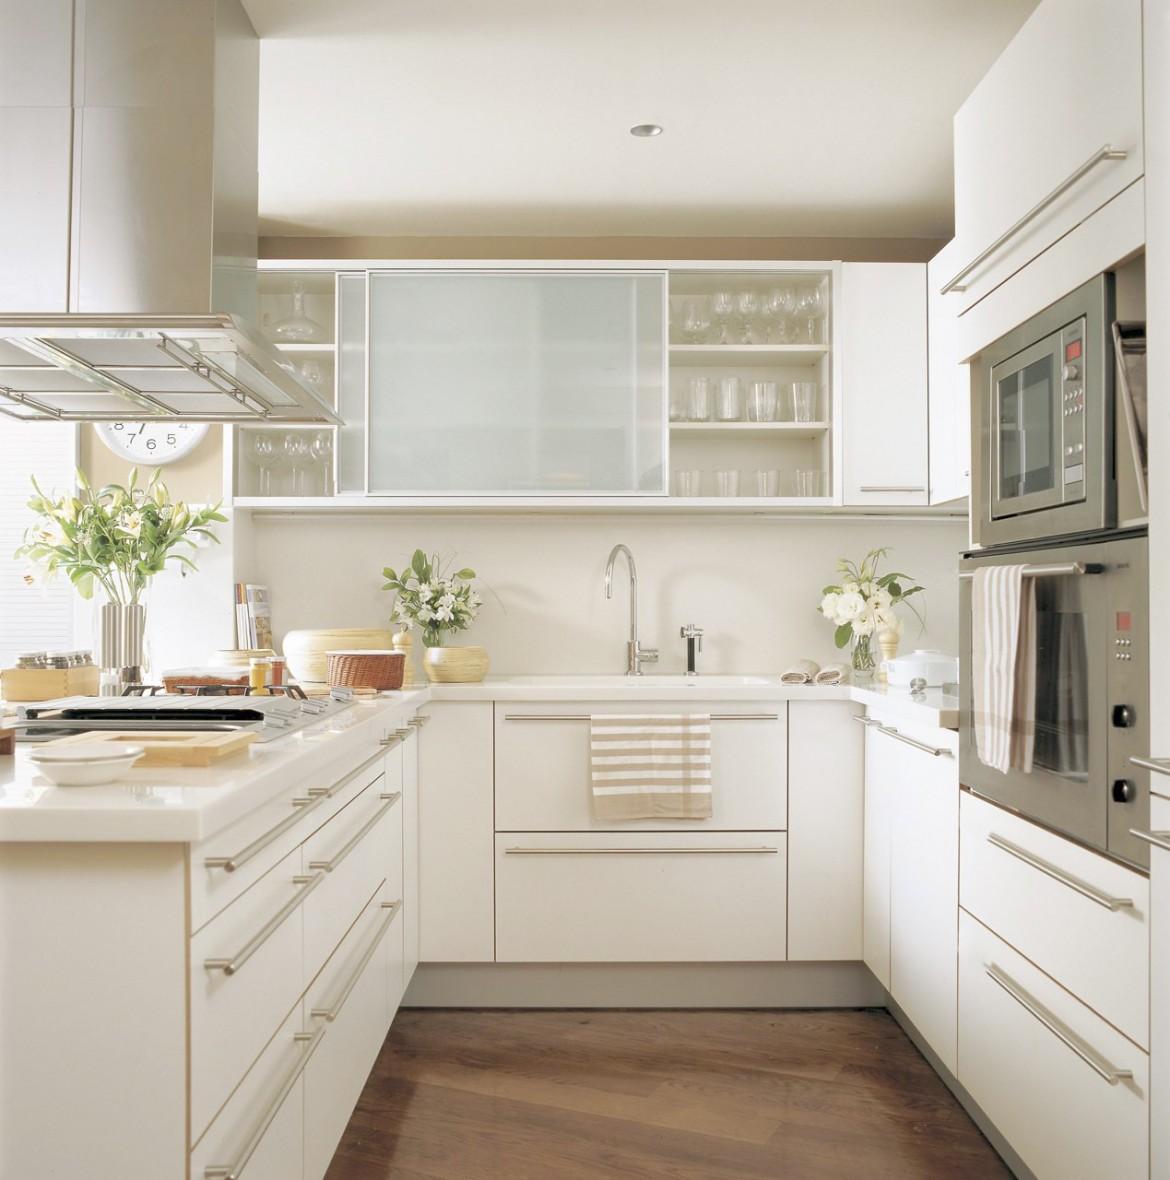 Lavadoras con carga superior, perfectas para espacios pequeños ...